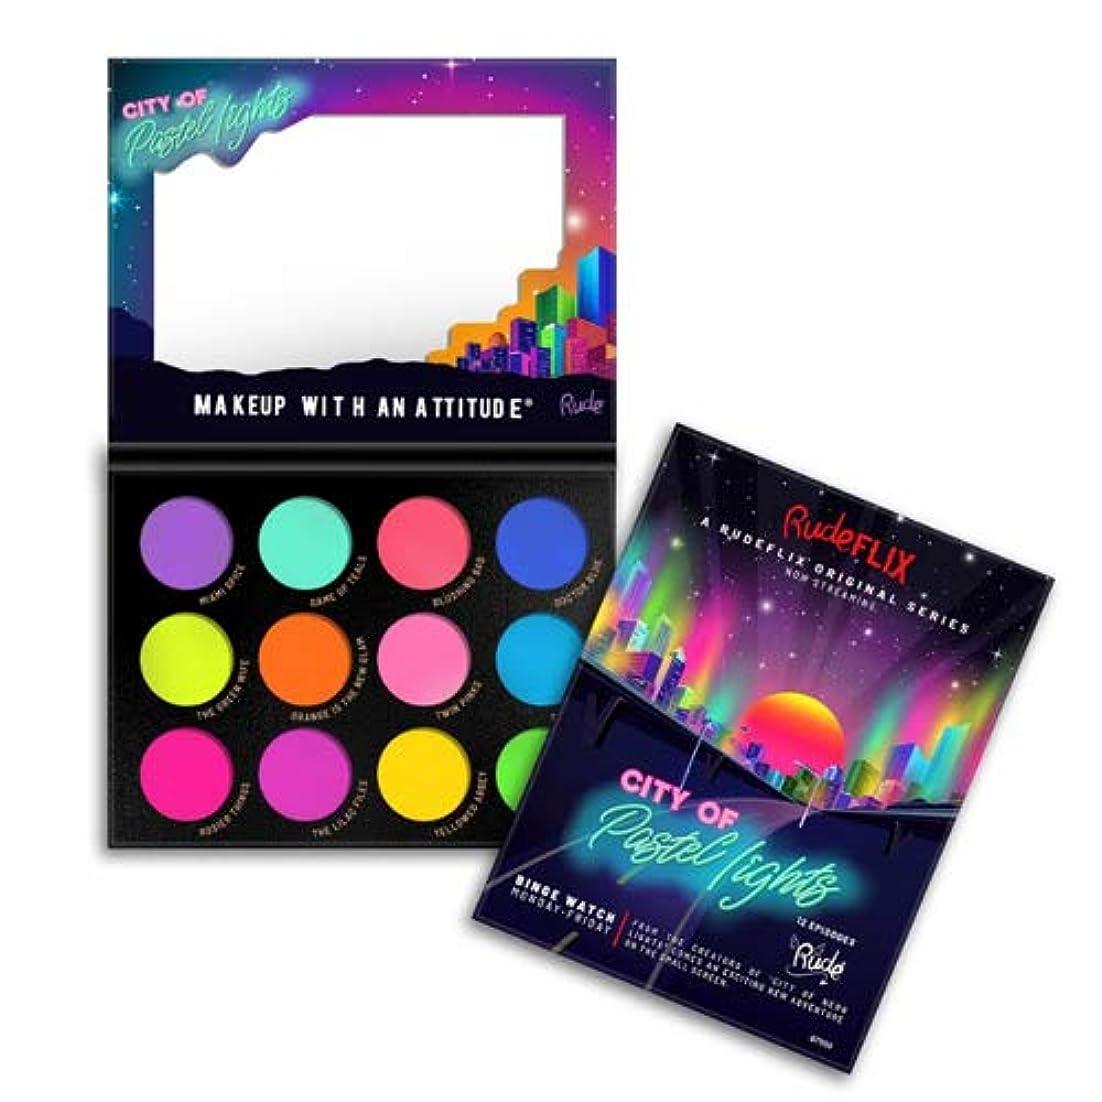 リスナー叫び声読みやすさRUDE City of Pastel Lights - 12 Pastel Pigment & Eyeshadow Palette (6 Pack) (並行輸入品)